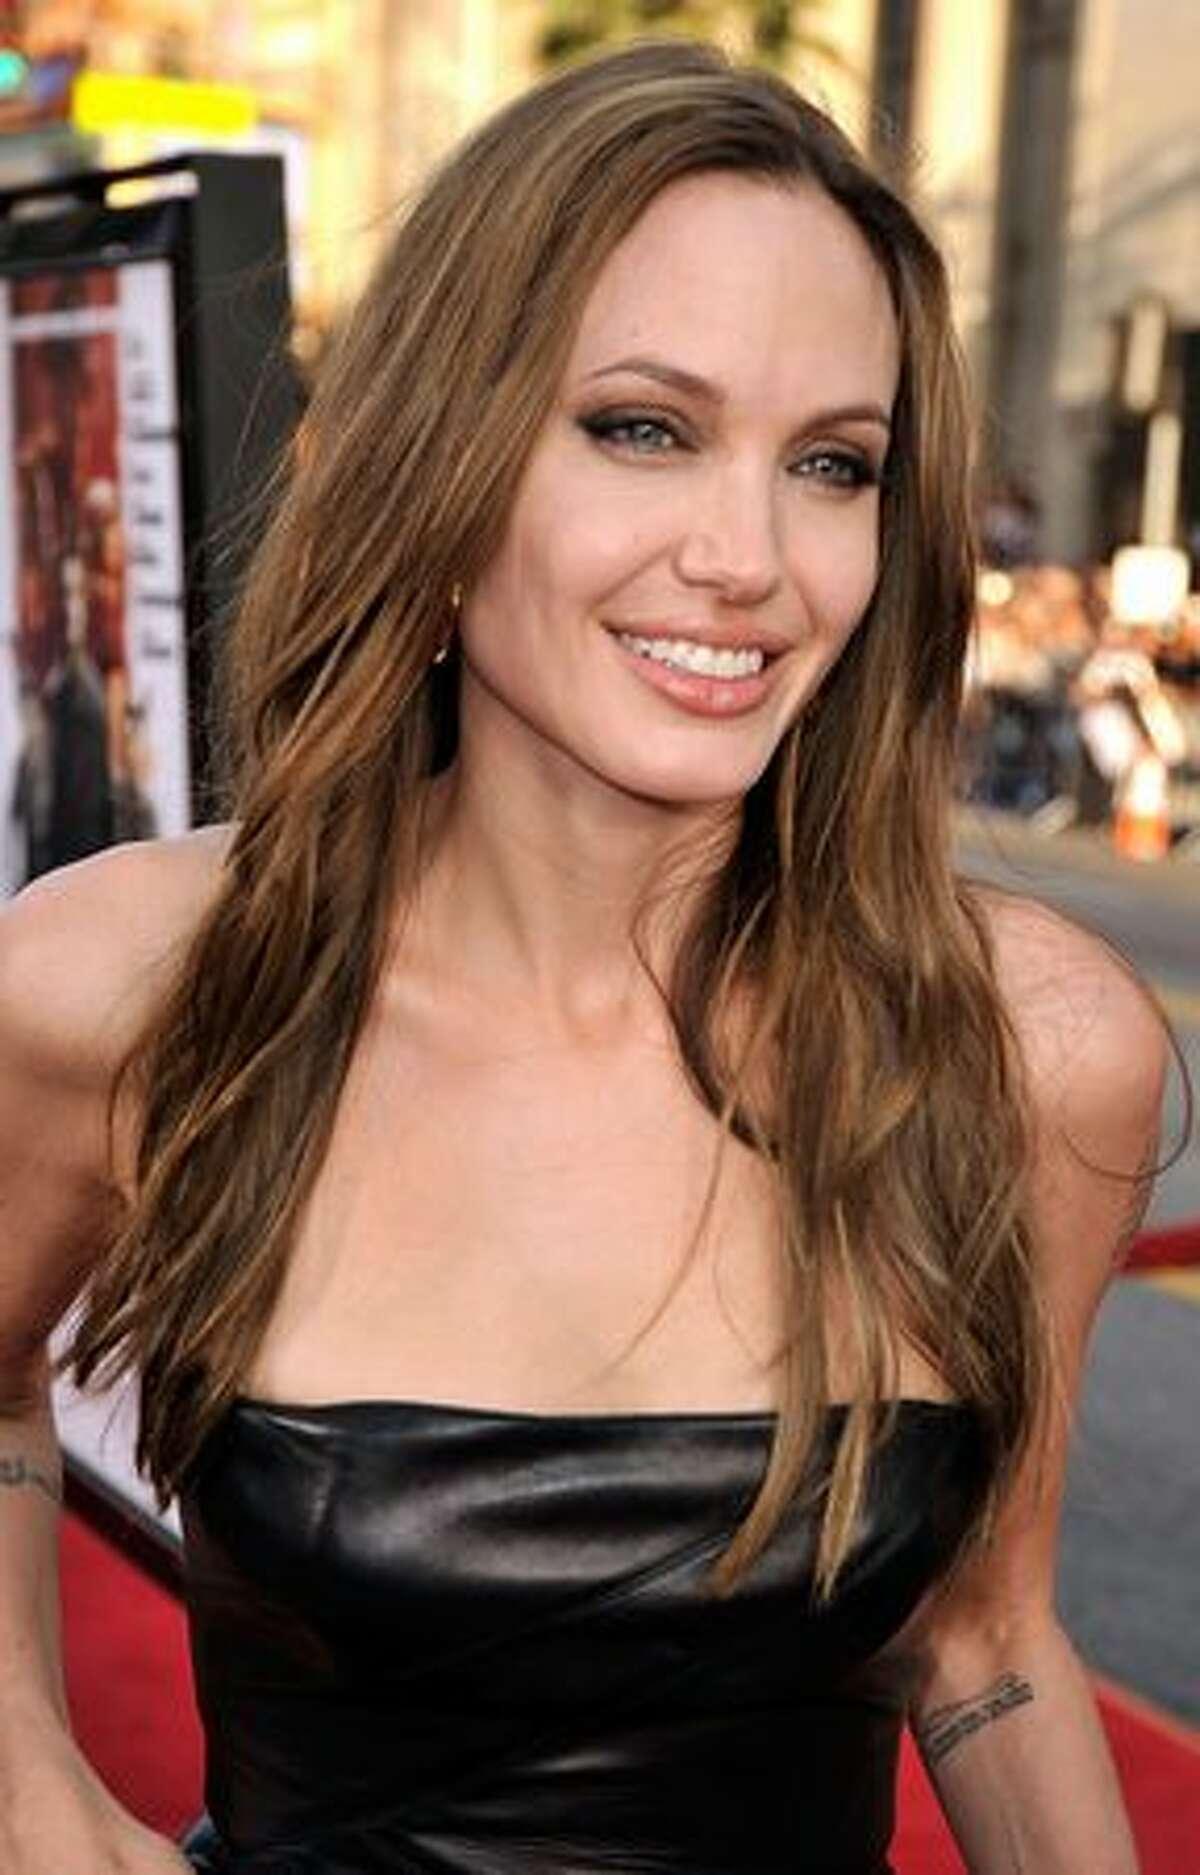 Actress Angelina Jolie, 34.